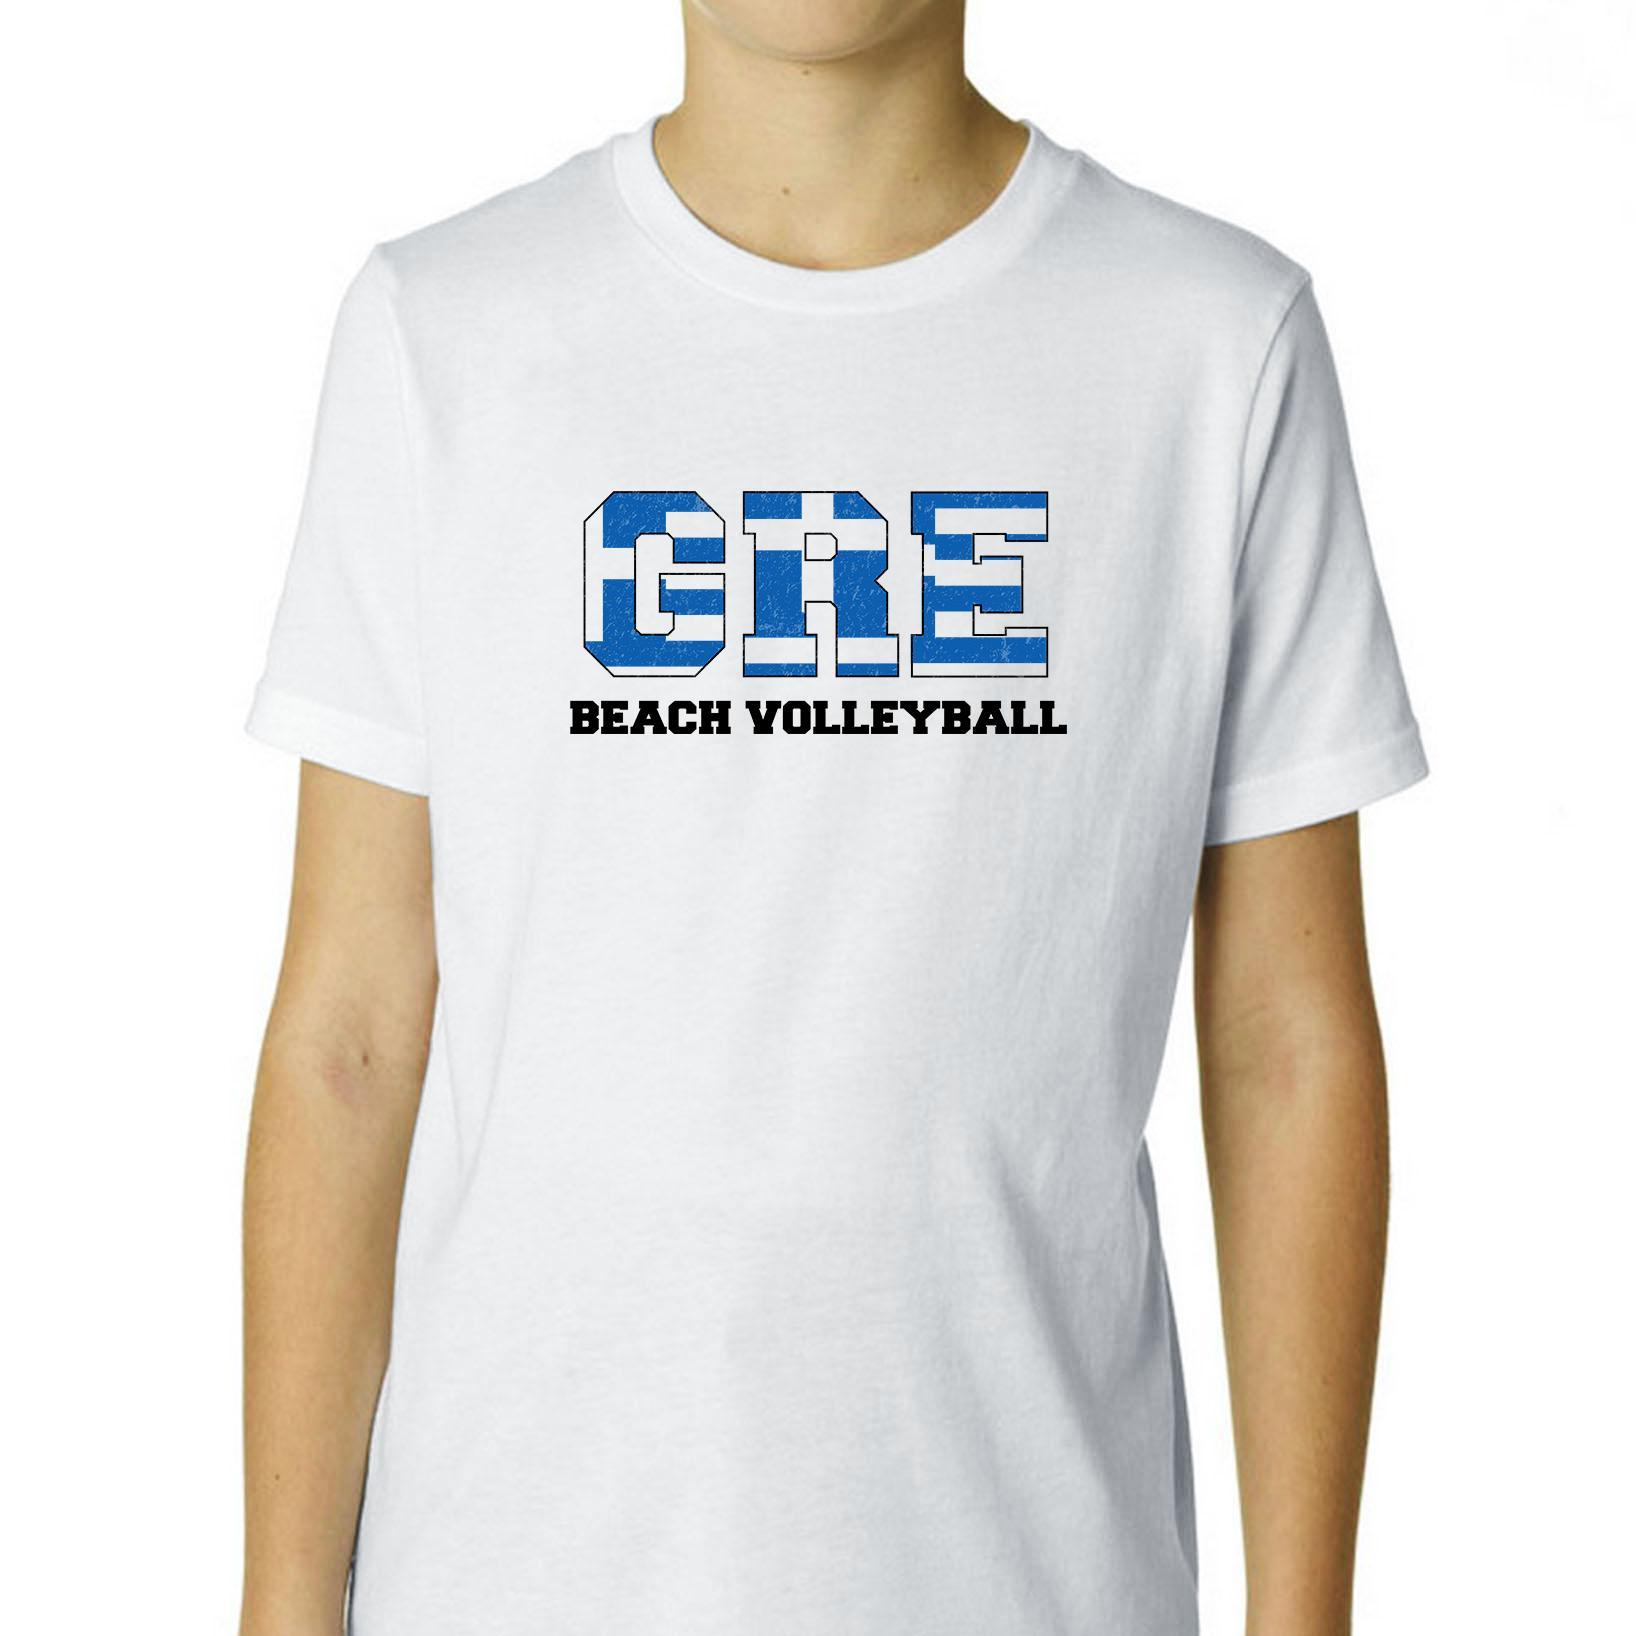 Greece Beach Volleyball - Olympic Games - Rio - Flag Boy'...